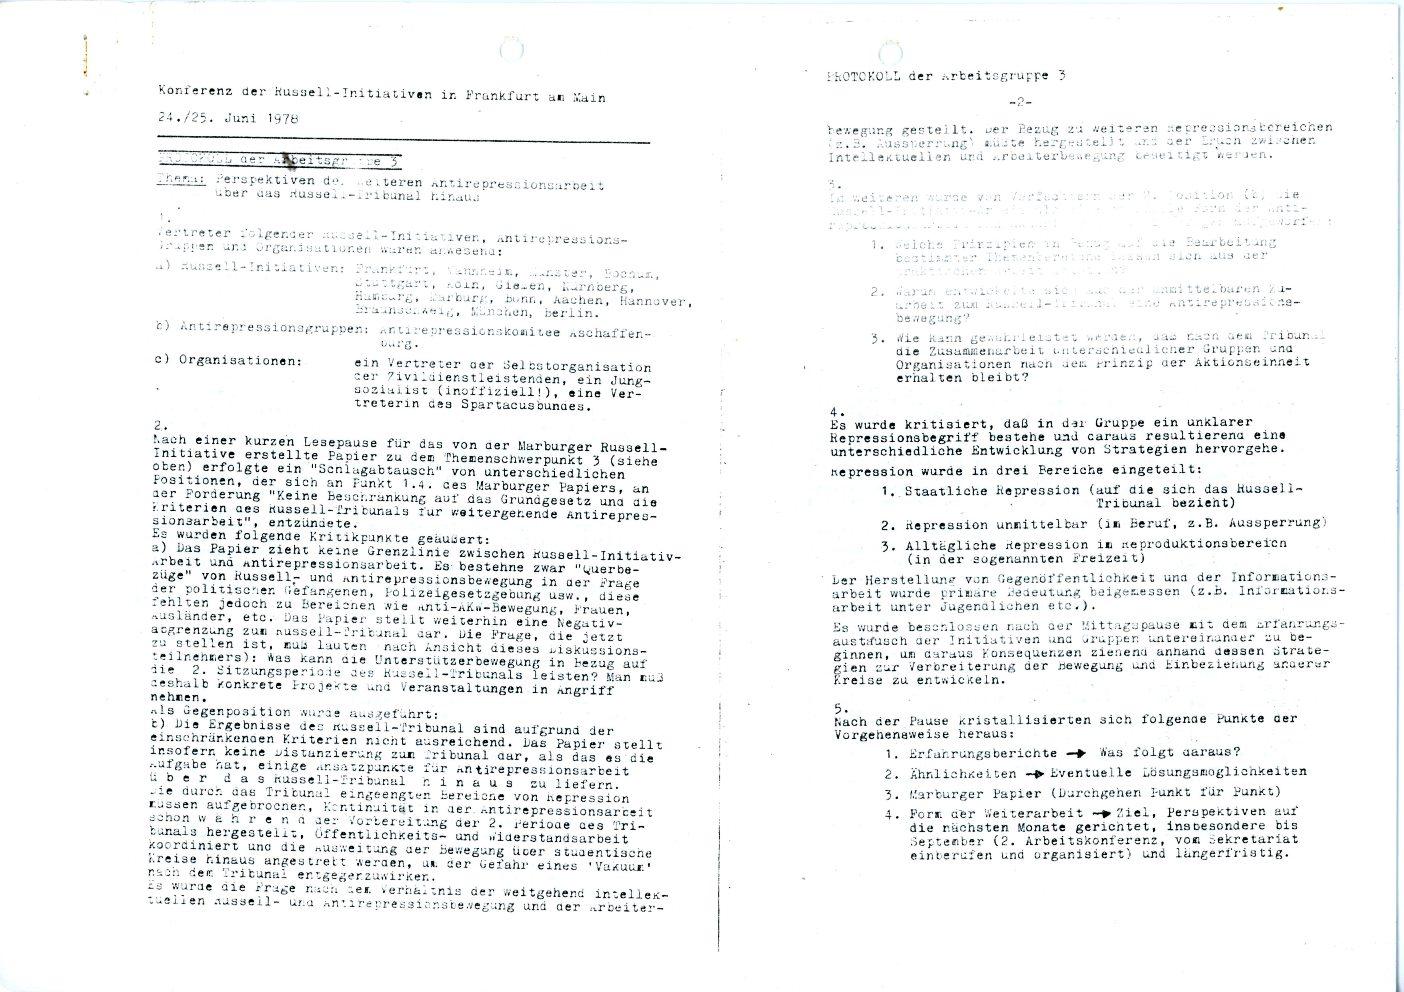 Frankfurt_Konferenz_der_Russell_Unterstuetzungsgruppen_19780624_11